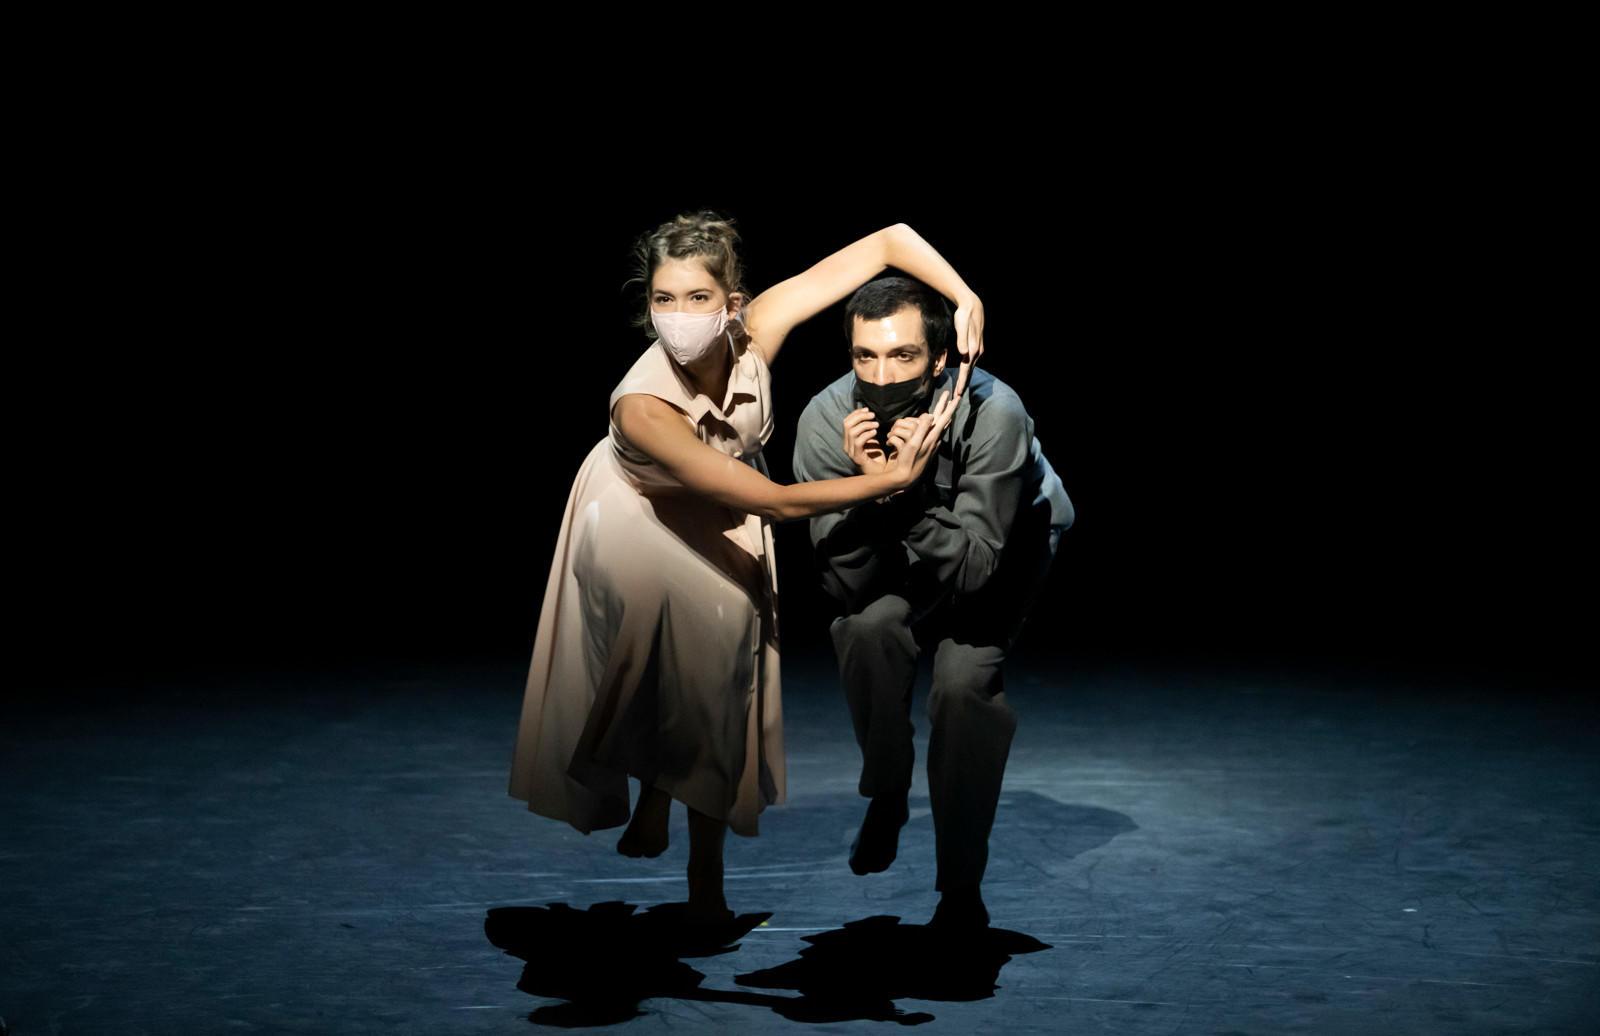 4Julien_Benhamou___Opera_national_de_Paris-CLOUDS-INSIDE--Tess-Voelker-Marion-Gautier-de-Charnace--Antonin-Monie--c--Julien-Benhamou-OnP-1600px.jpeg